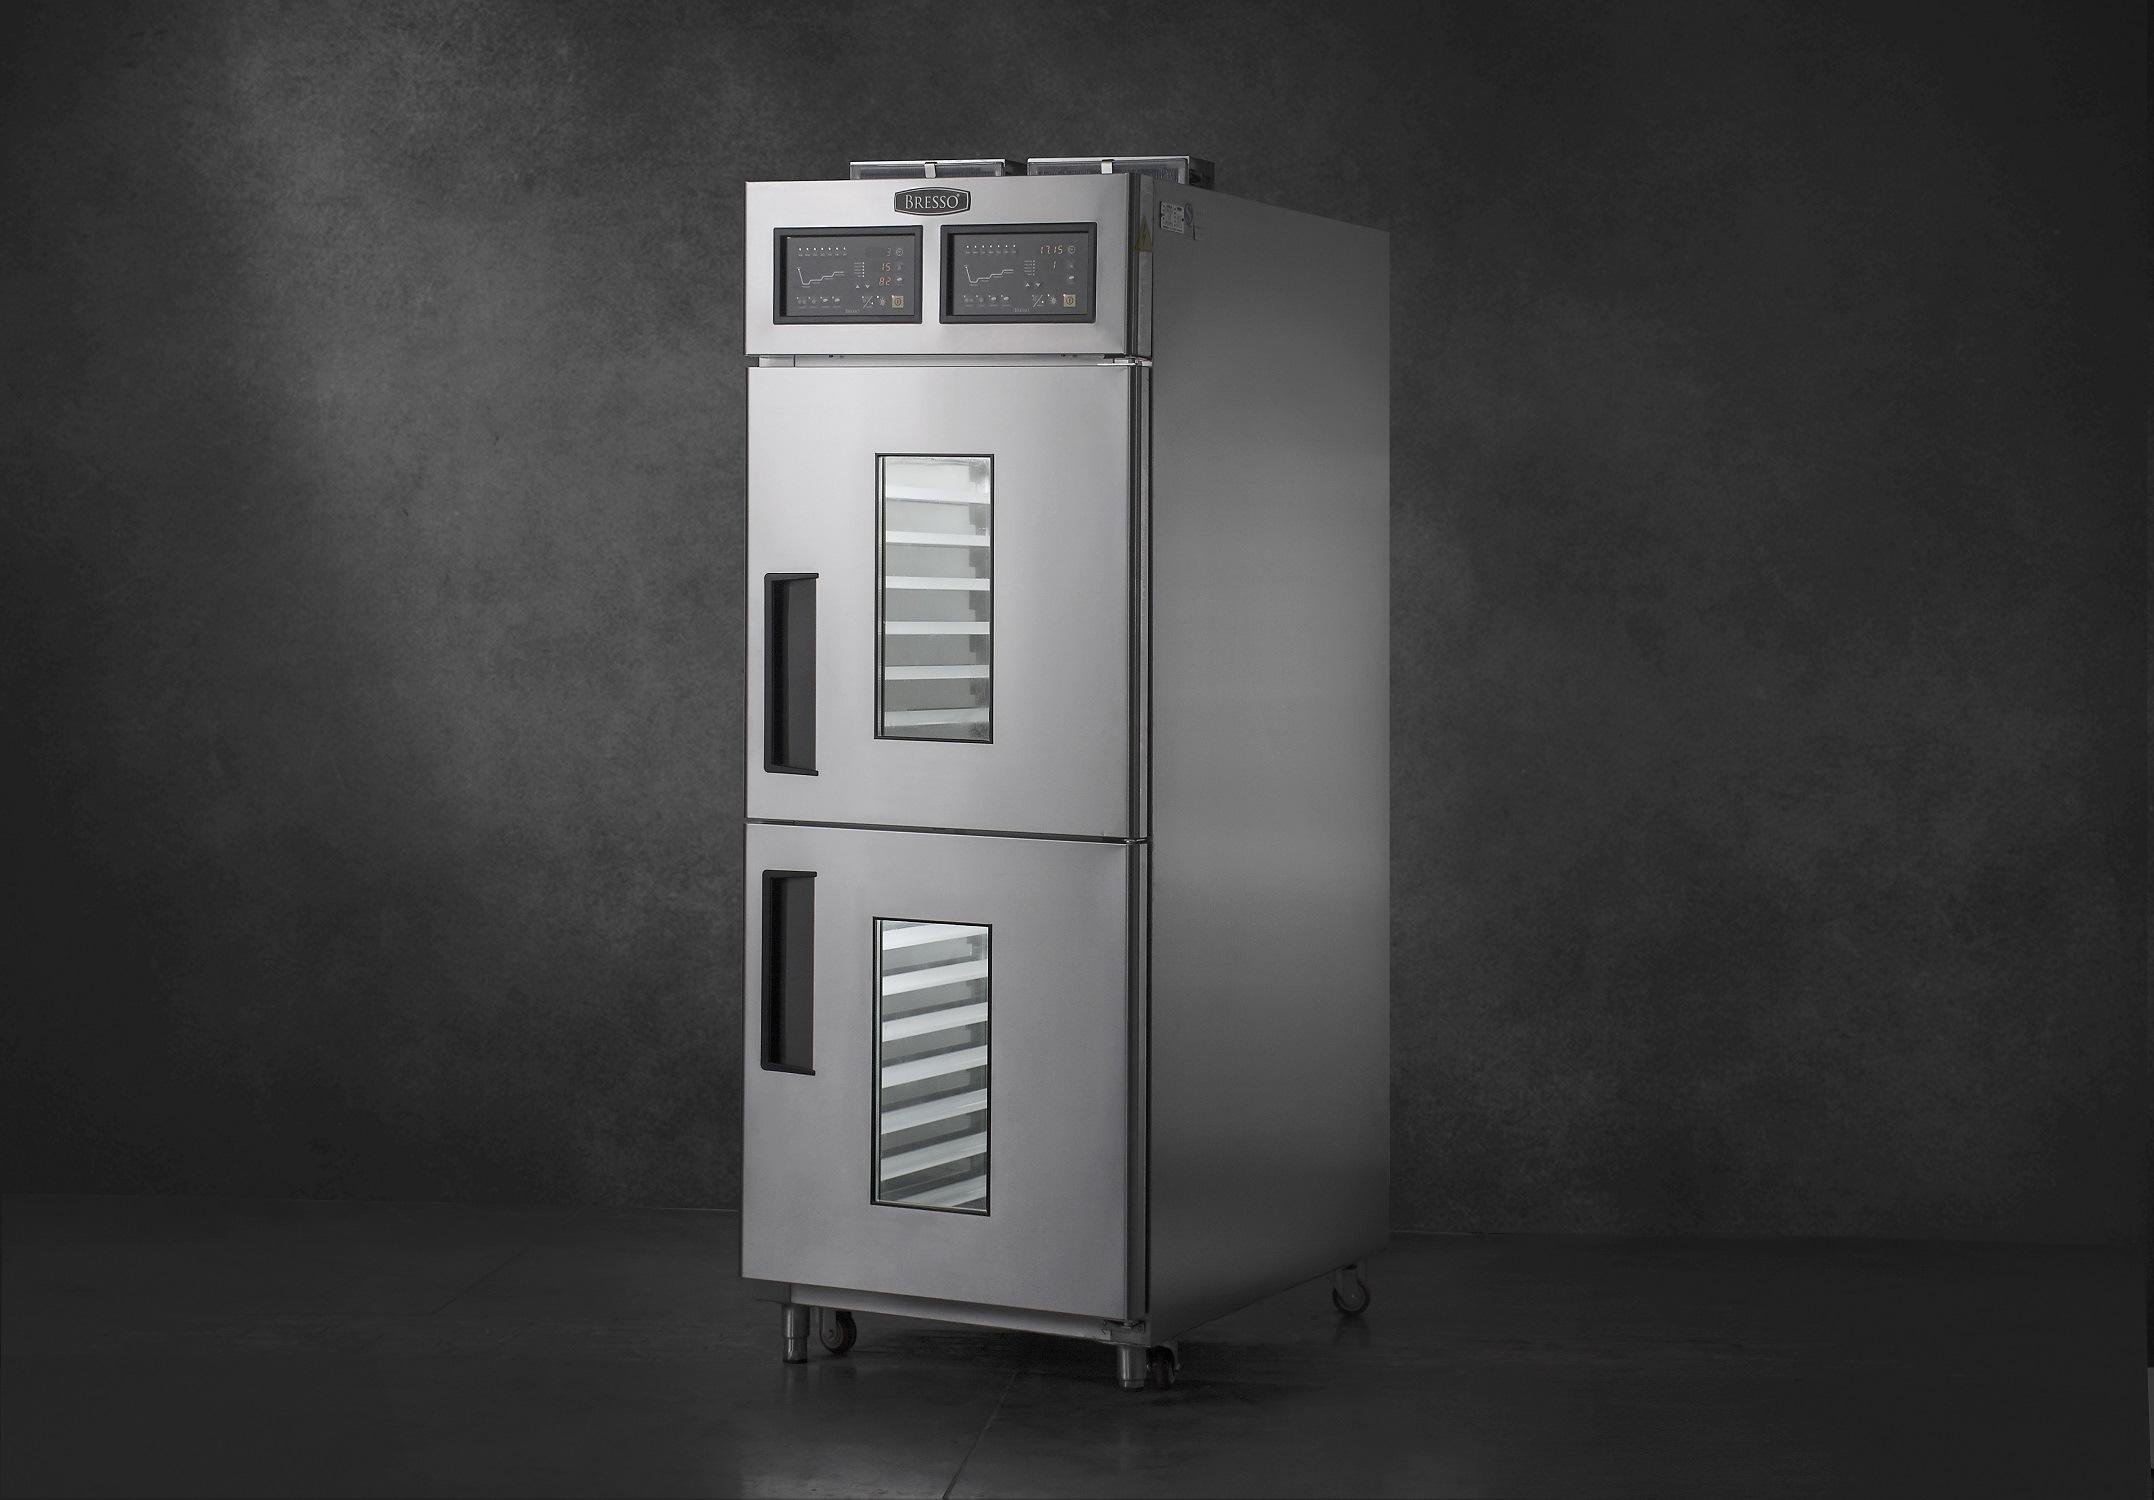 Tủ lạnh và tủ đông lên men Bresso HYDC-2032